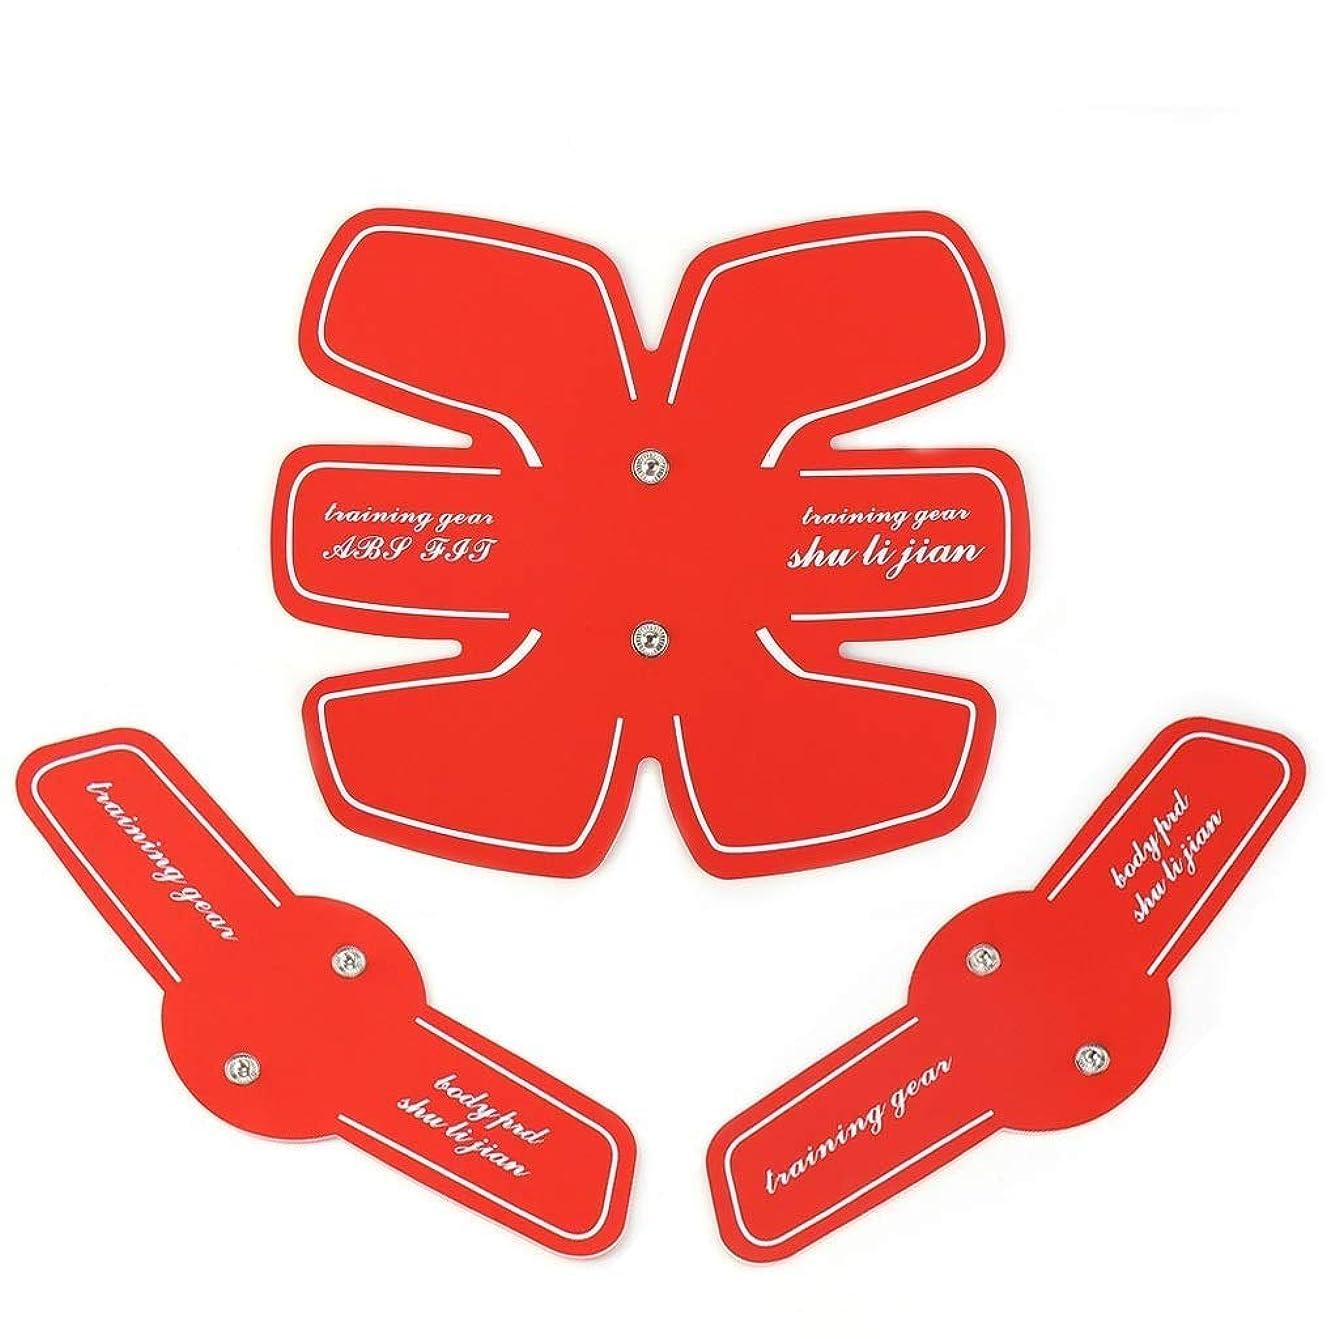 成り立つ詳細な効果的フィットネス腹筋刺激装置トレーナーEMS筋肉トナー筋肉刺激剤腹部調色用ベルト、ホームオフィスUSB充電エクササイズ腹部/腕/脚腹部マッサージ (Color : RED)